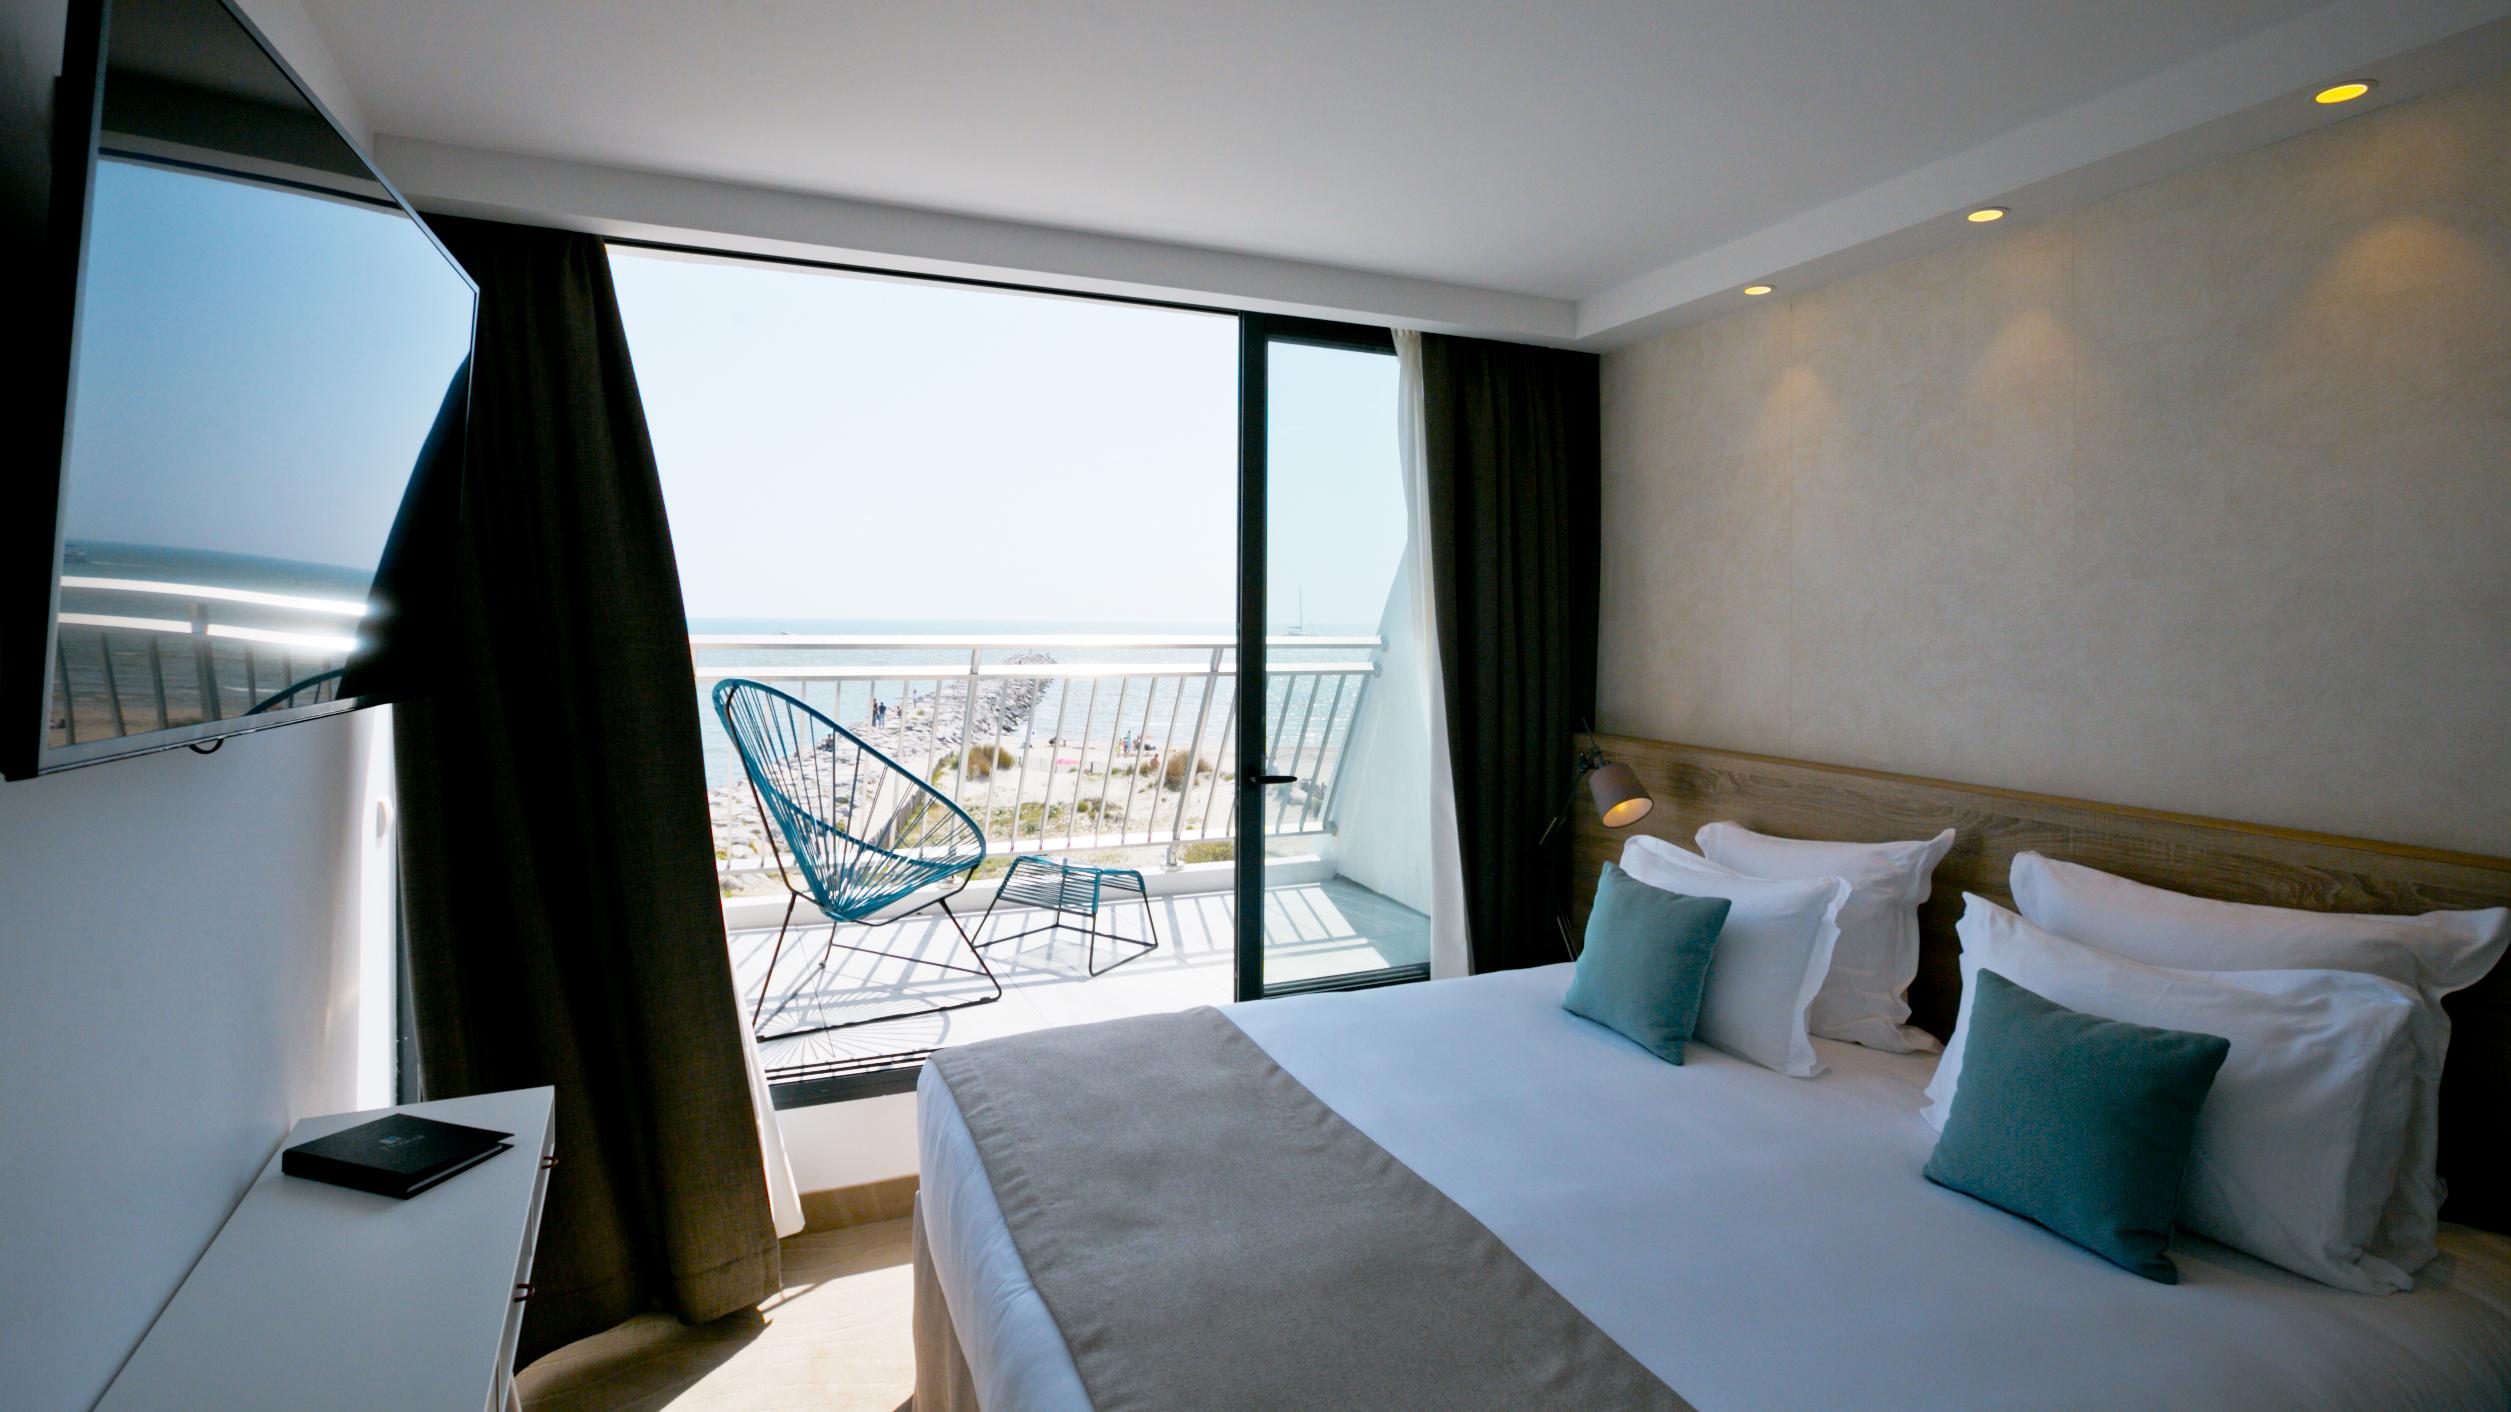 Chambre spacieuse et lumineuse avec blacon vue mer, hotel 5 étoiles la grande motte, Hôtel La Plage.